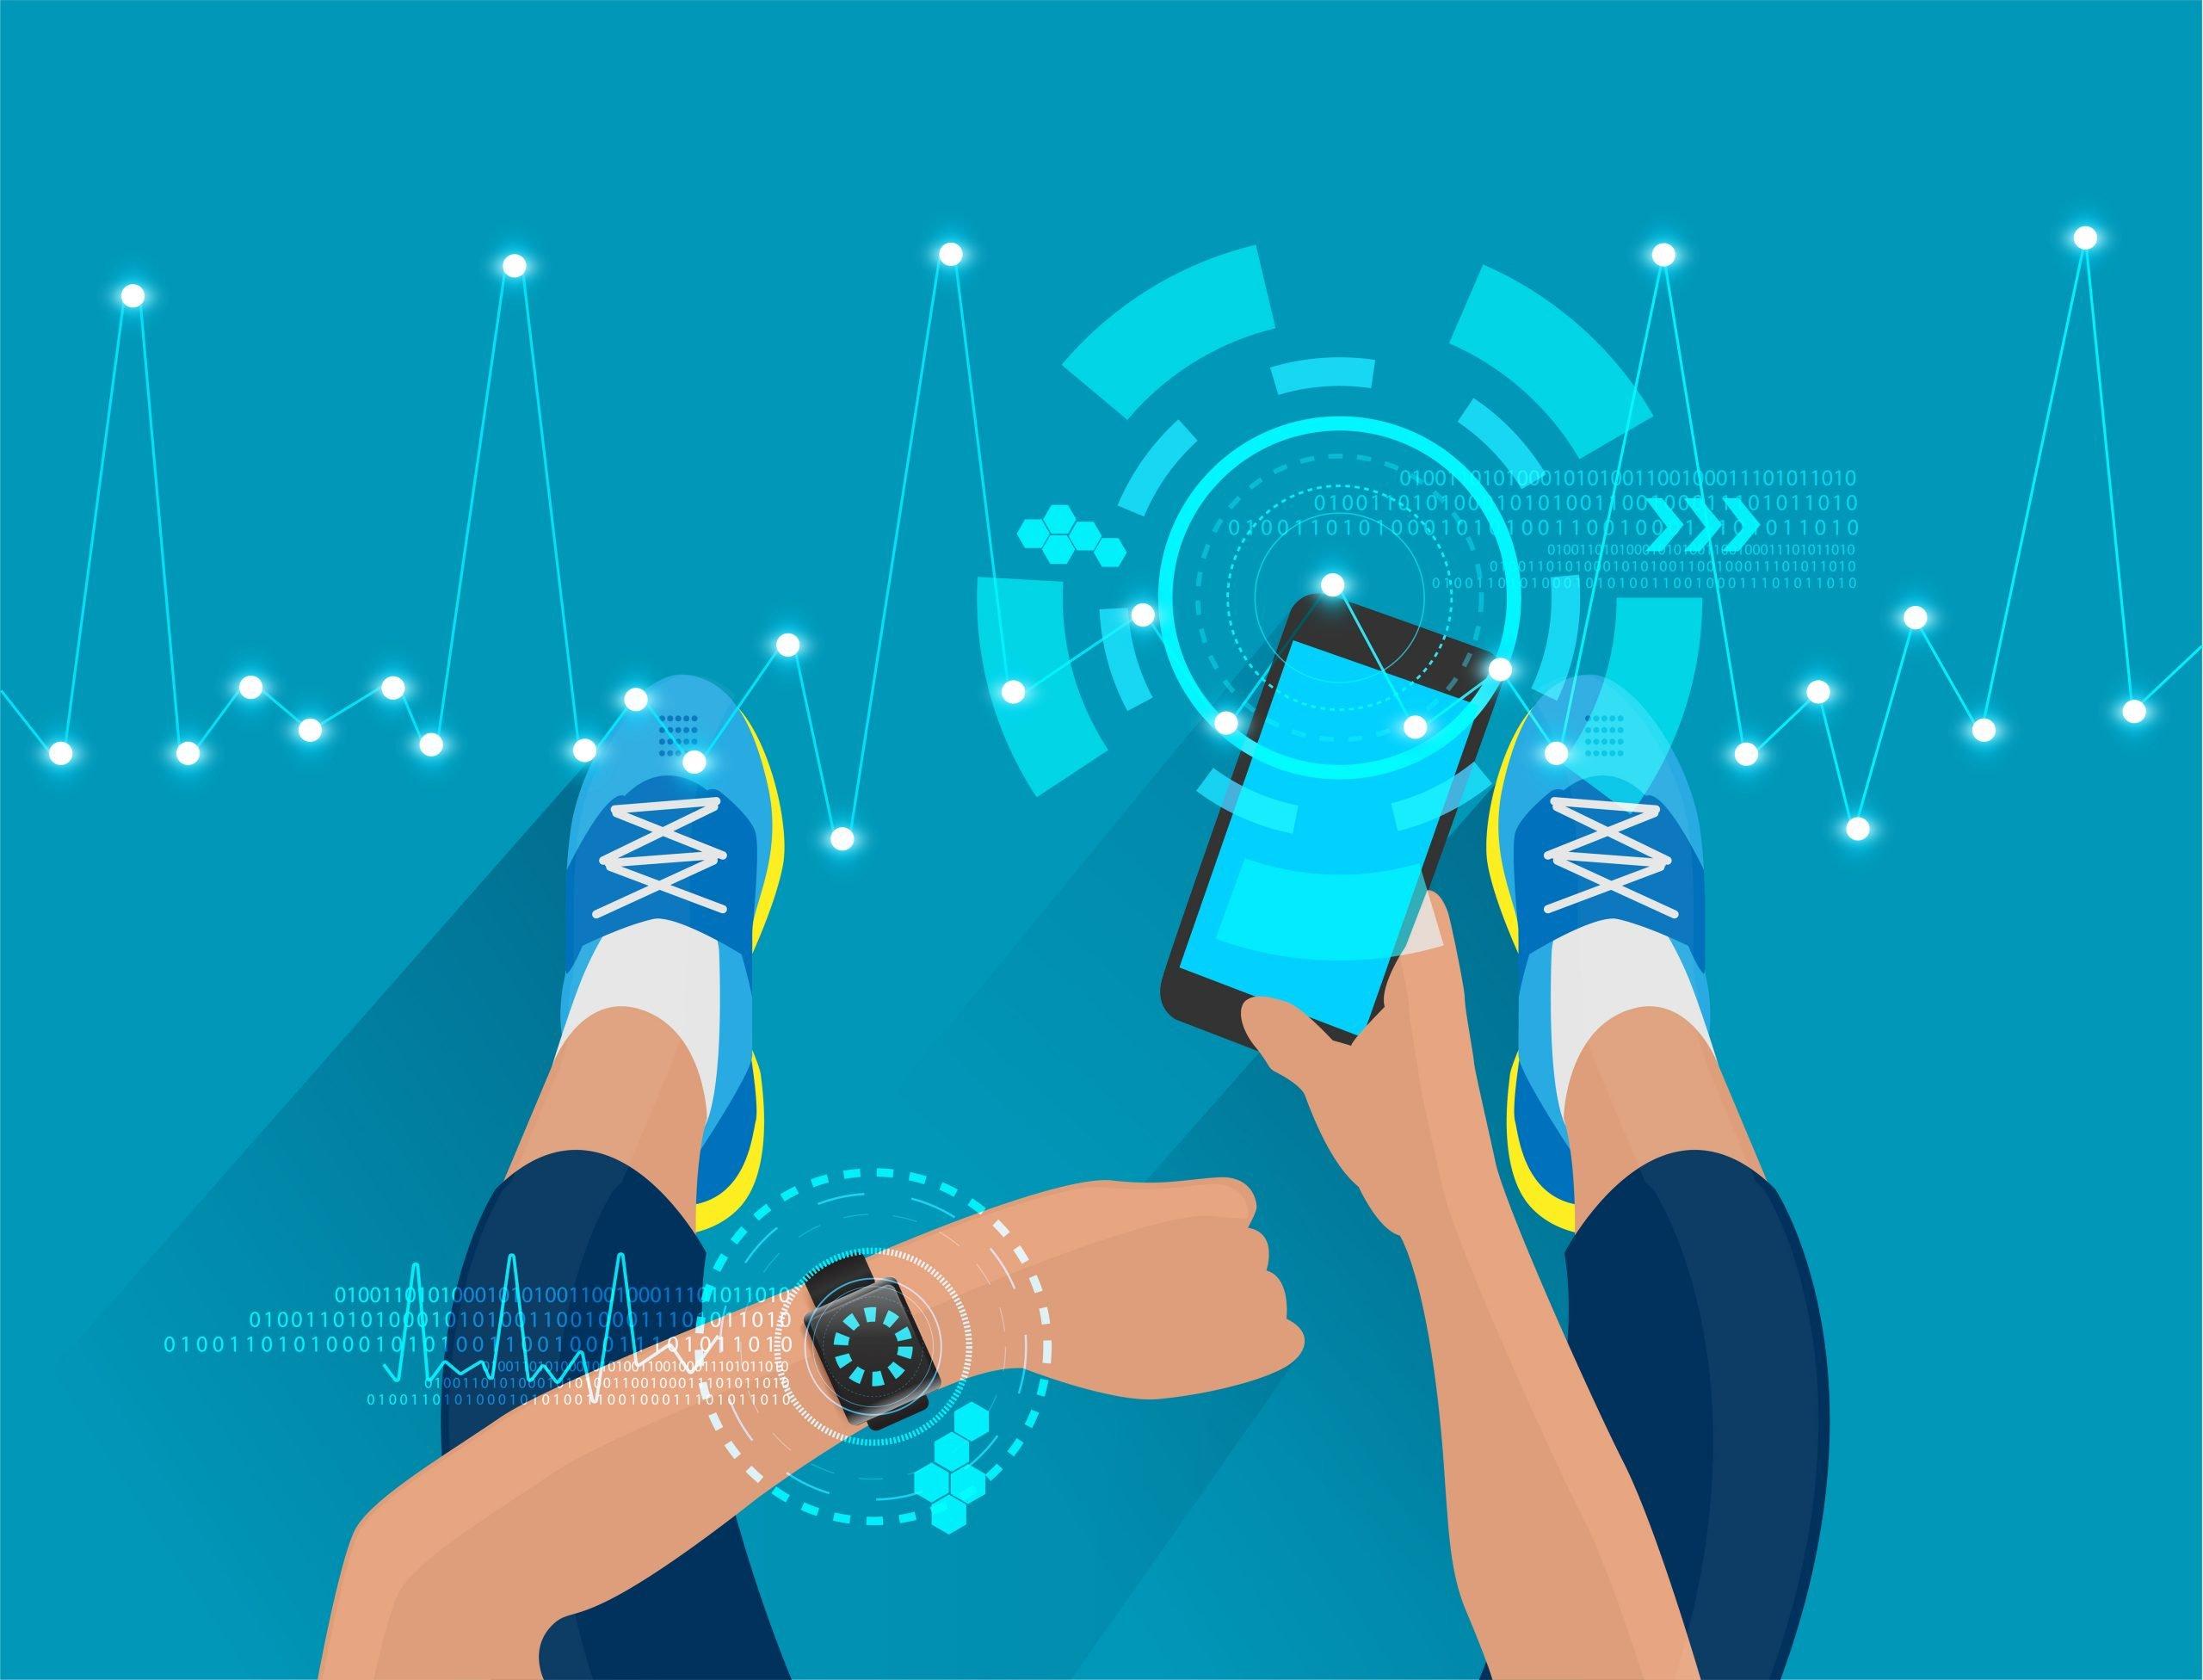 Digital Wellness Vs Digital Therapeutics